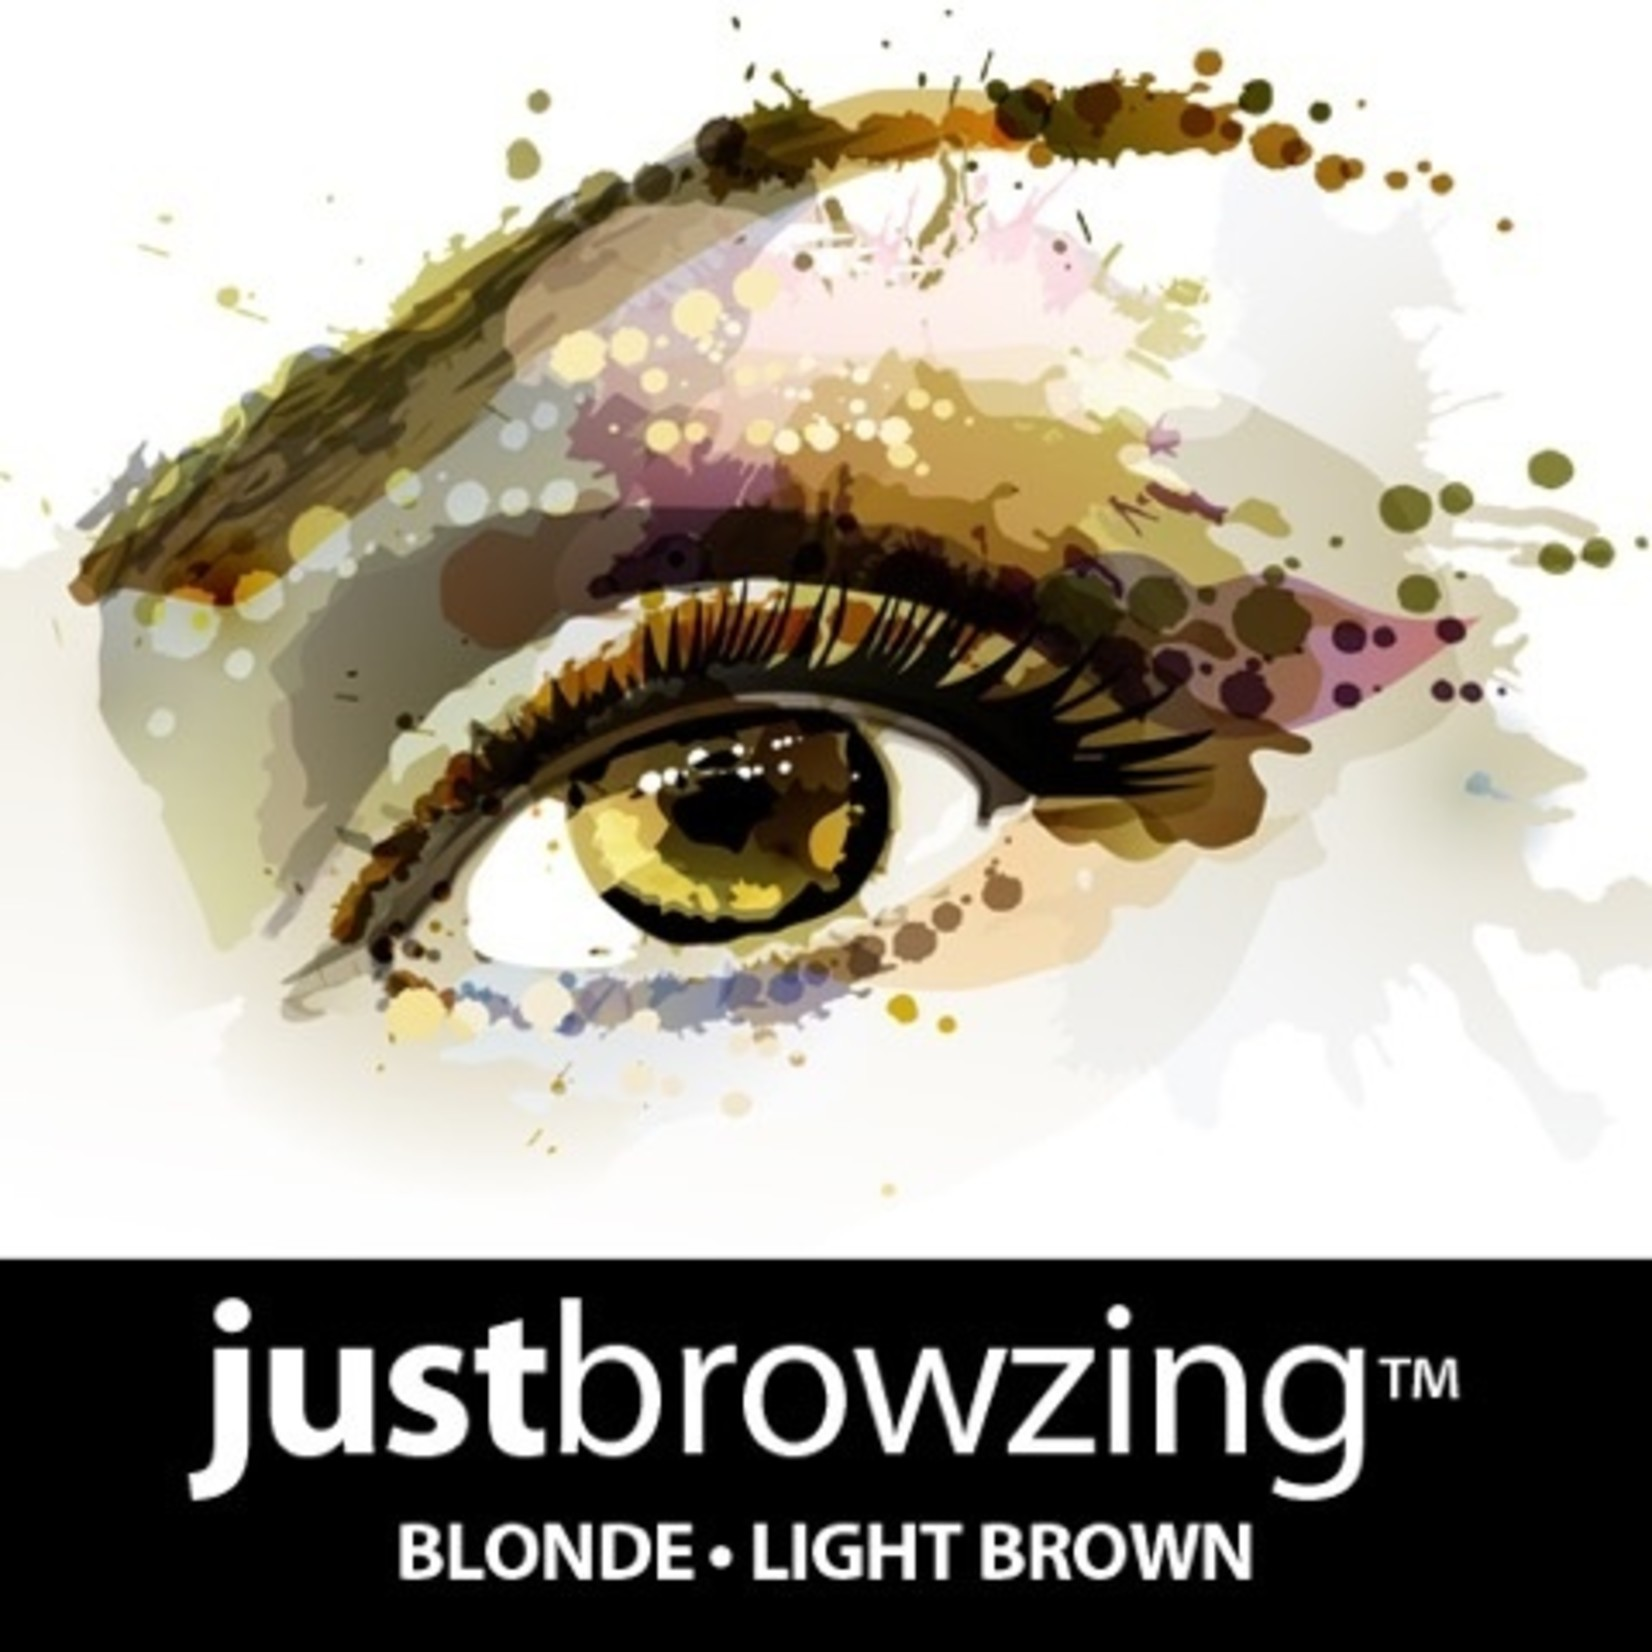 Just Browzing Blonde - Light Brown Packet